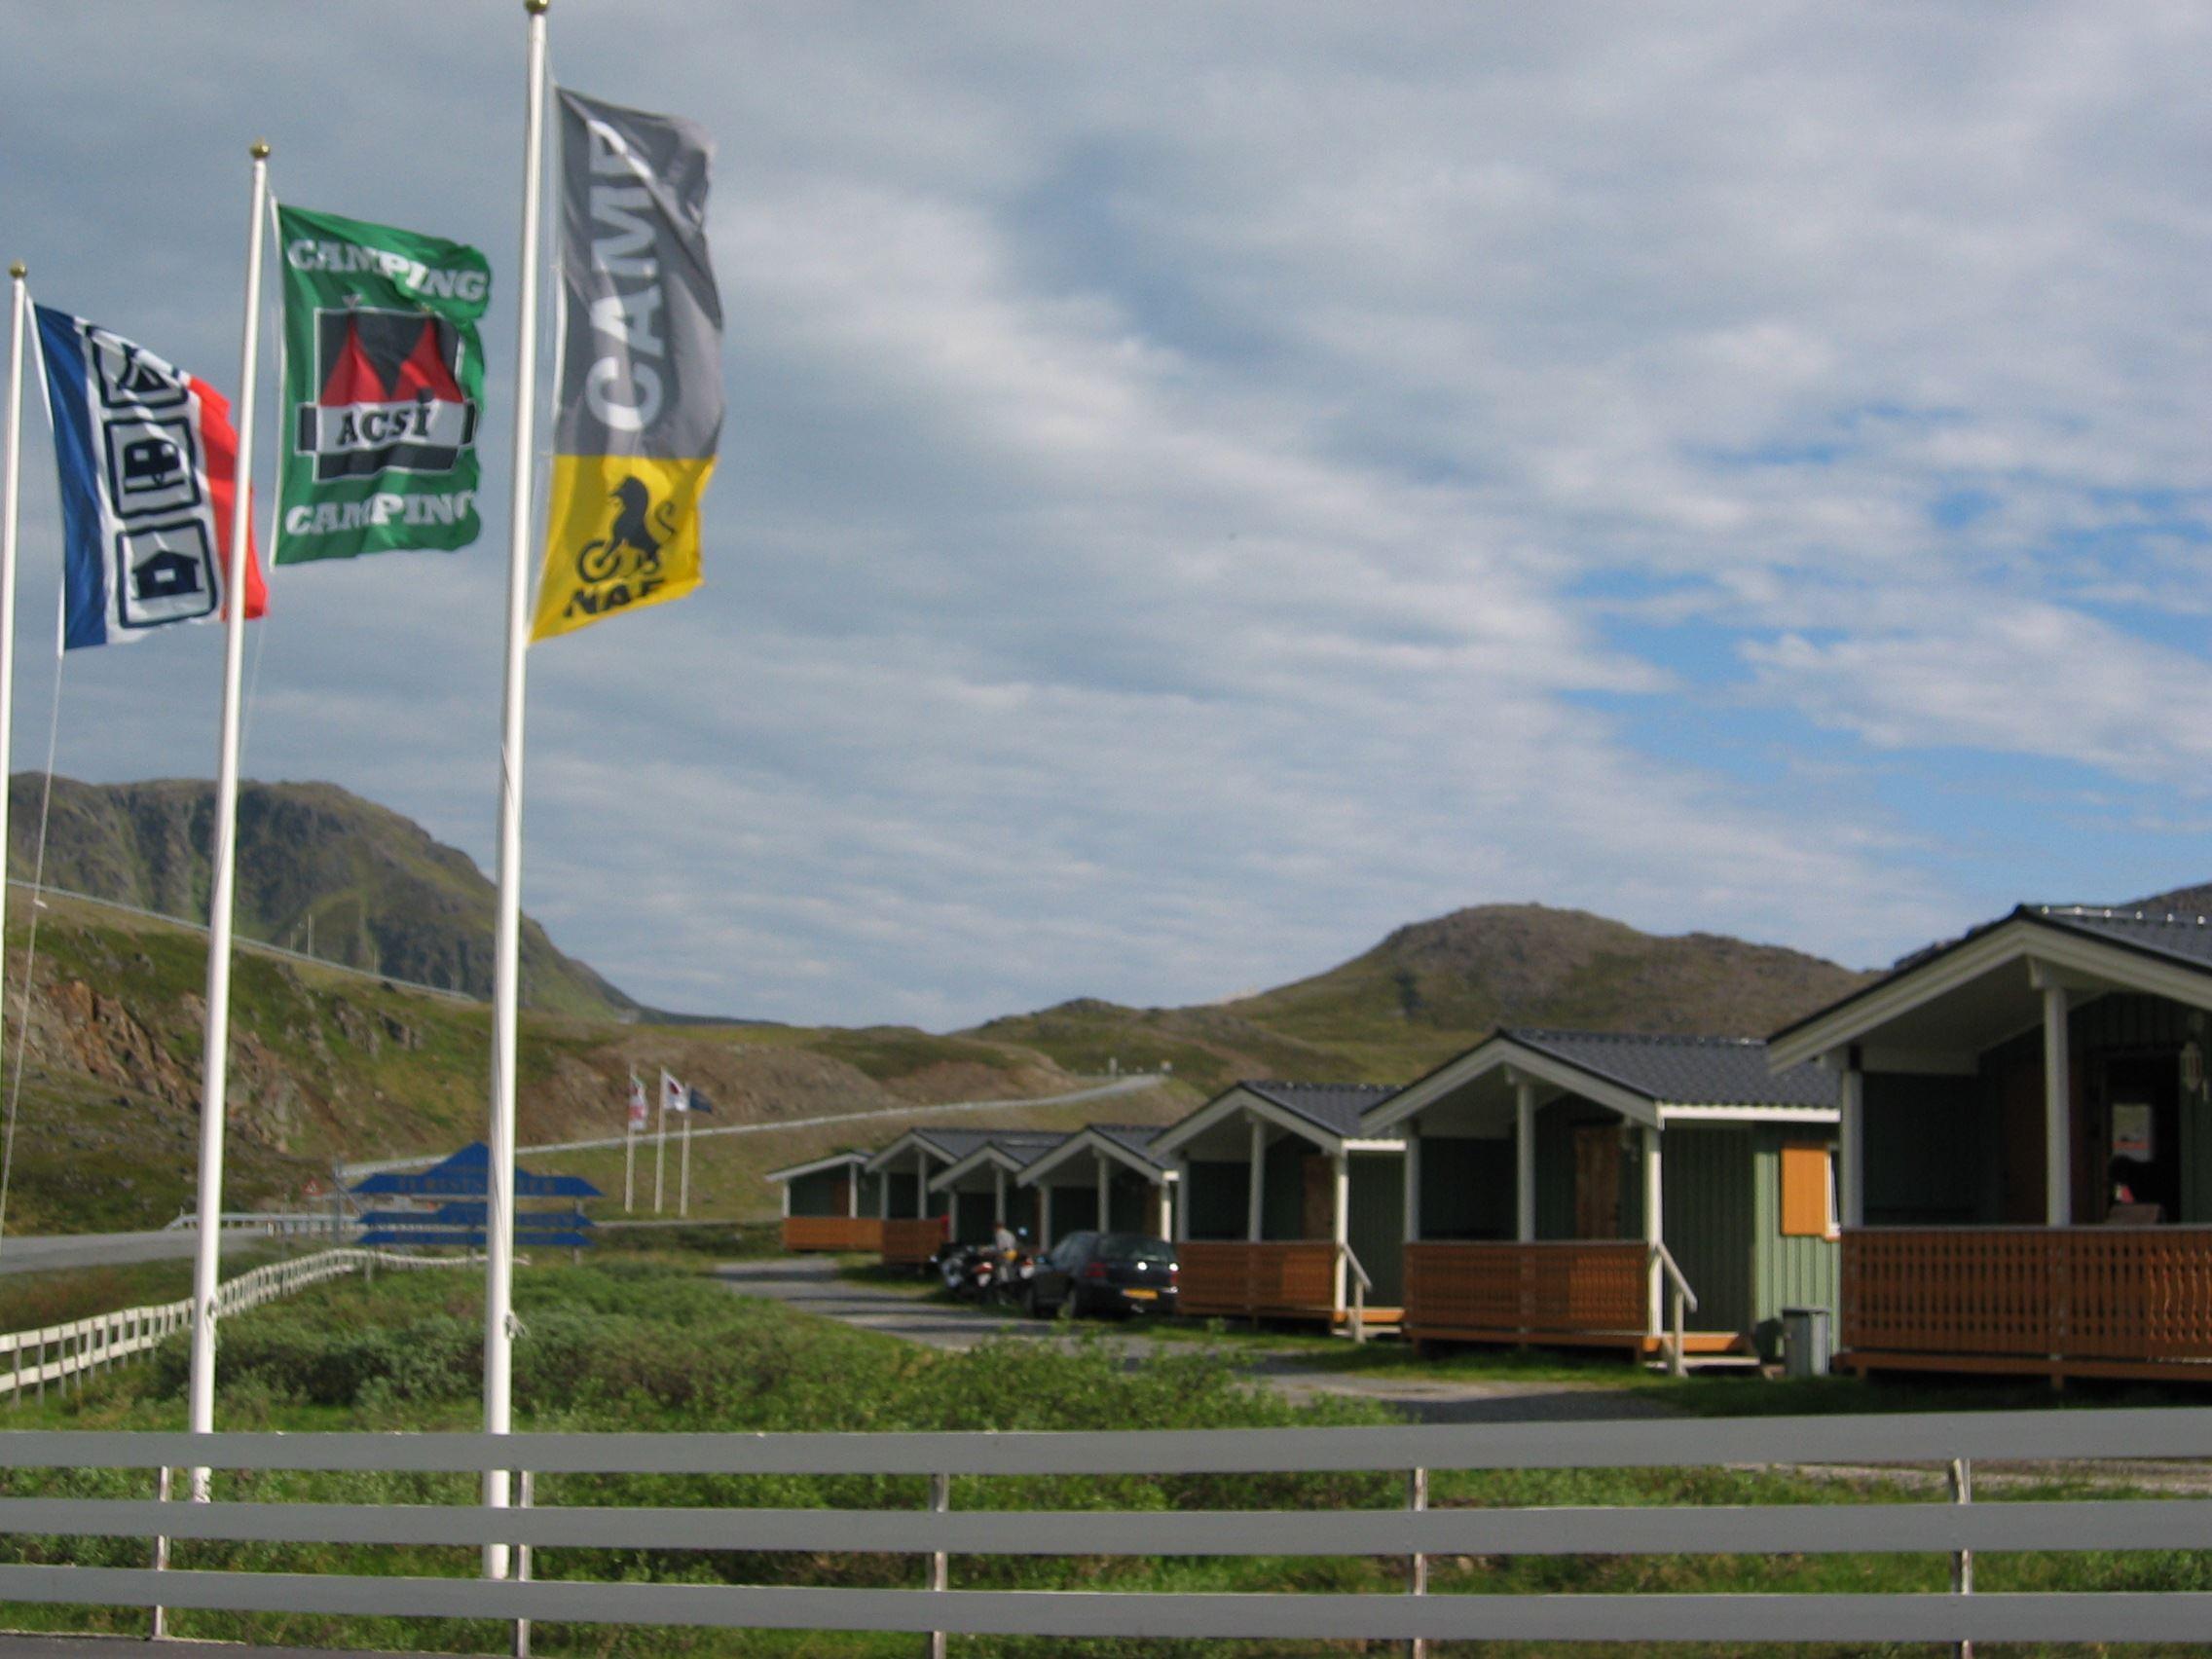 Campinghütten (max 4 Personen)